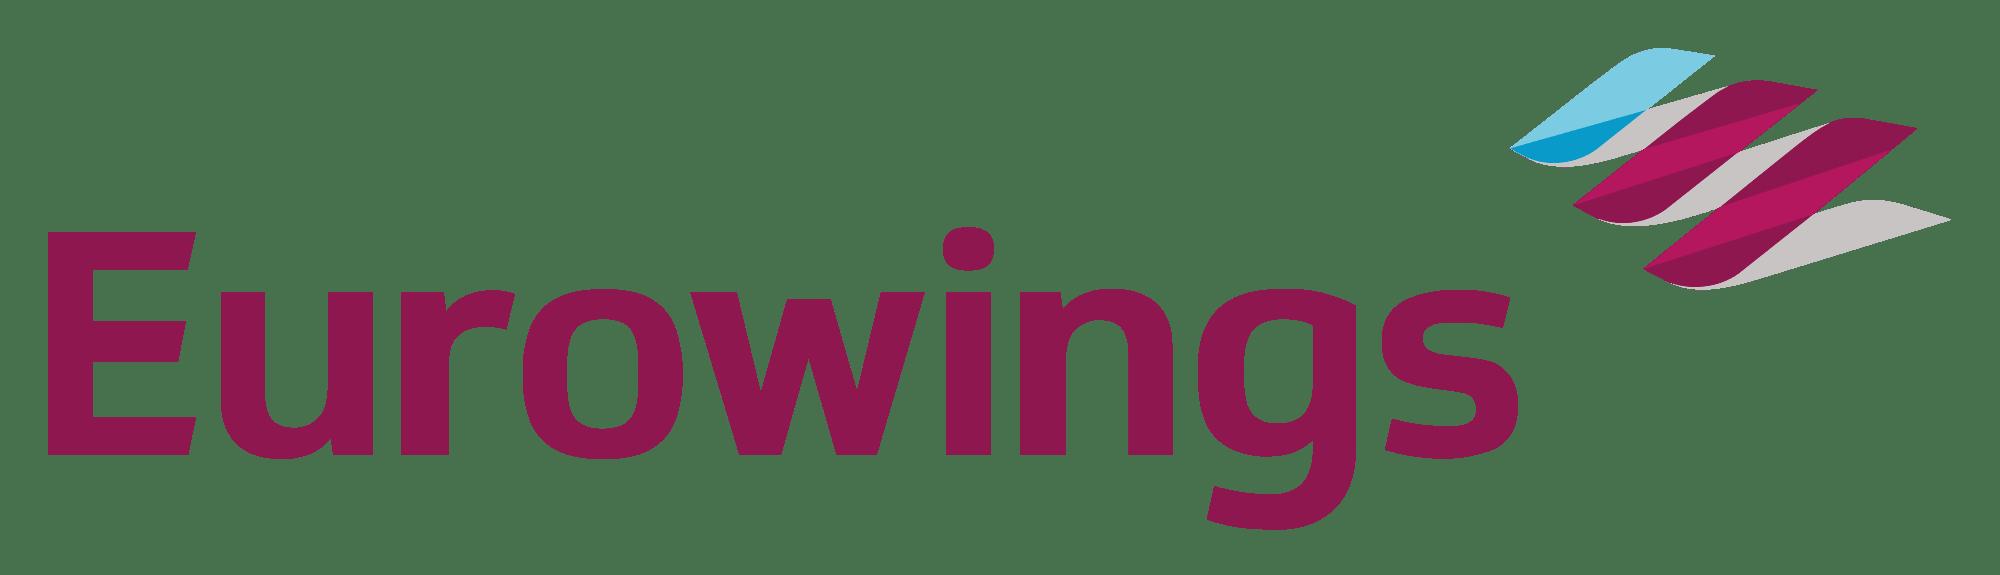 Euro Wings logo